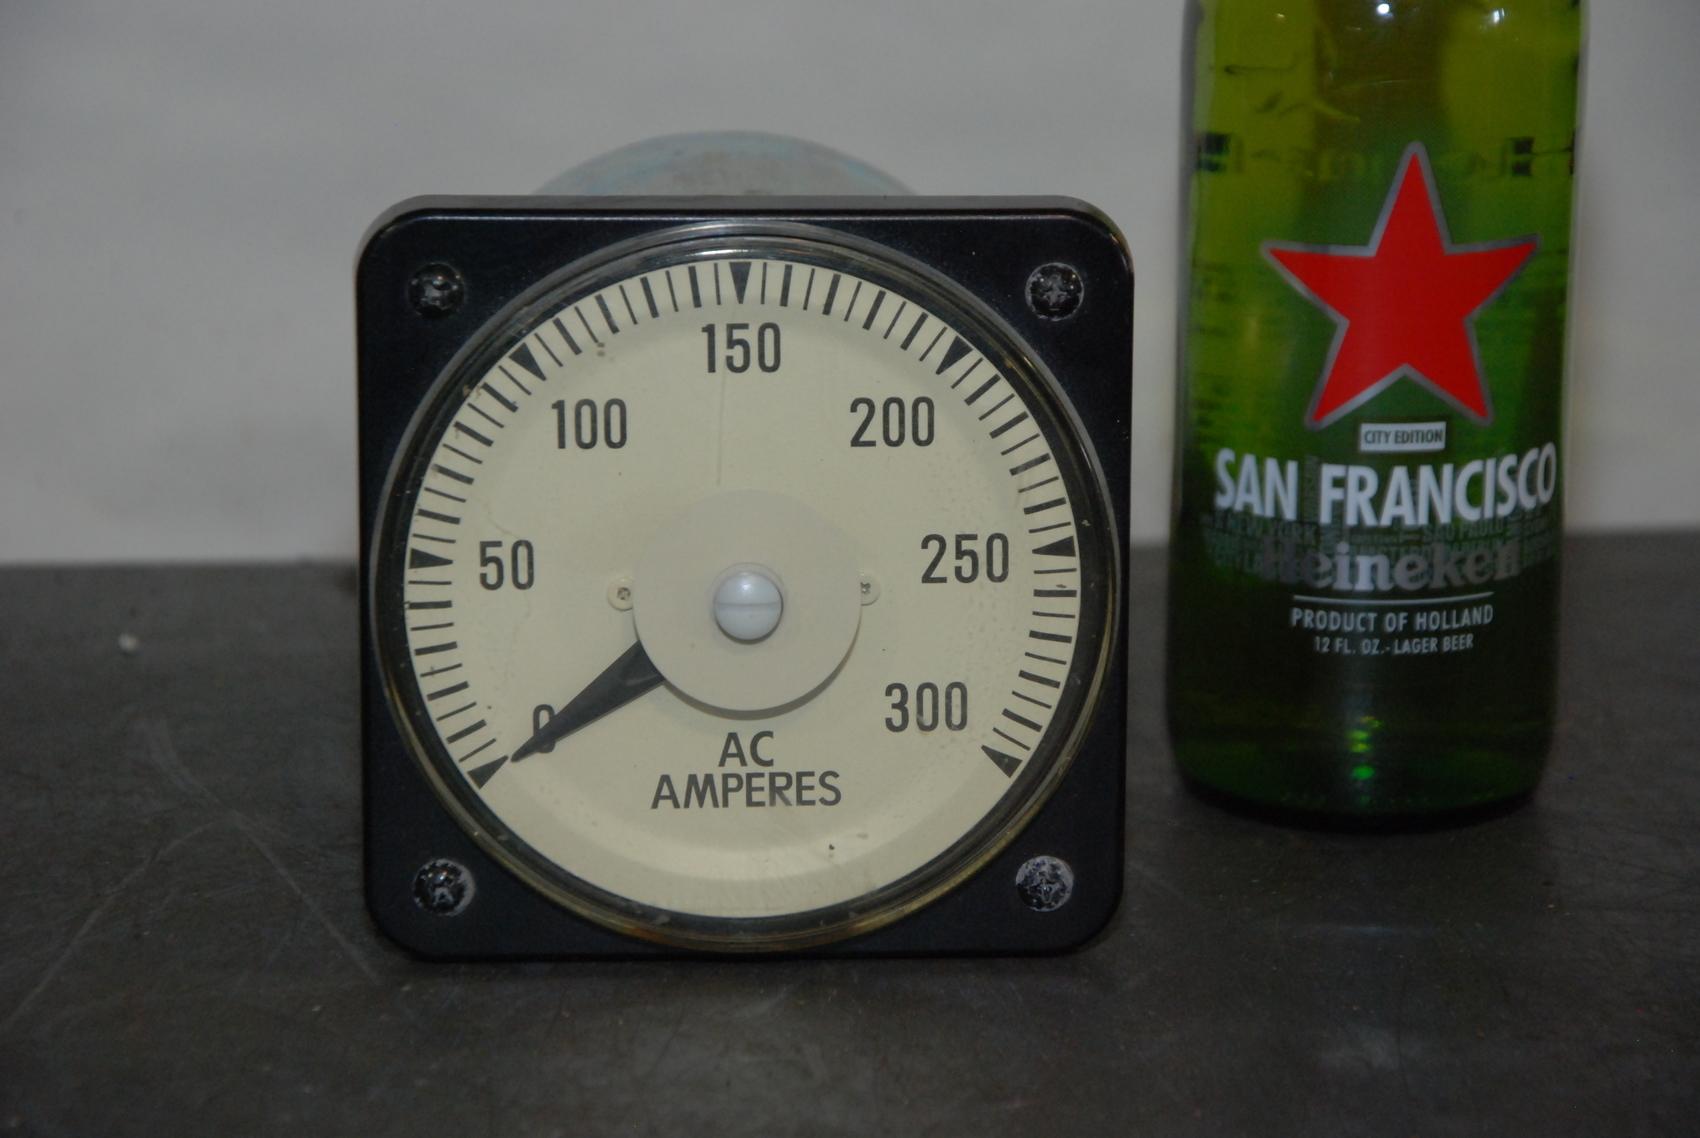 GE YOKOGAWA CAN PANEL METER 103131LSRX 0-300 AC AMPERES